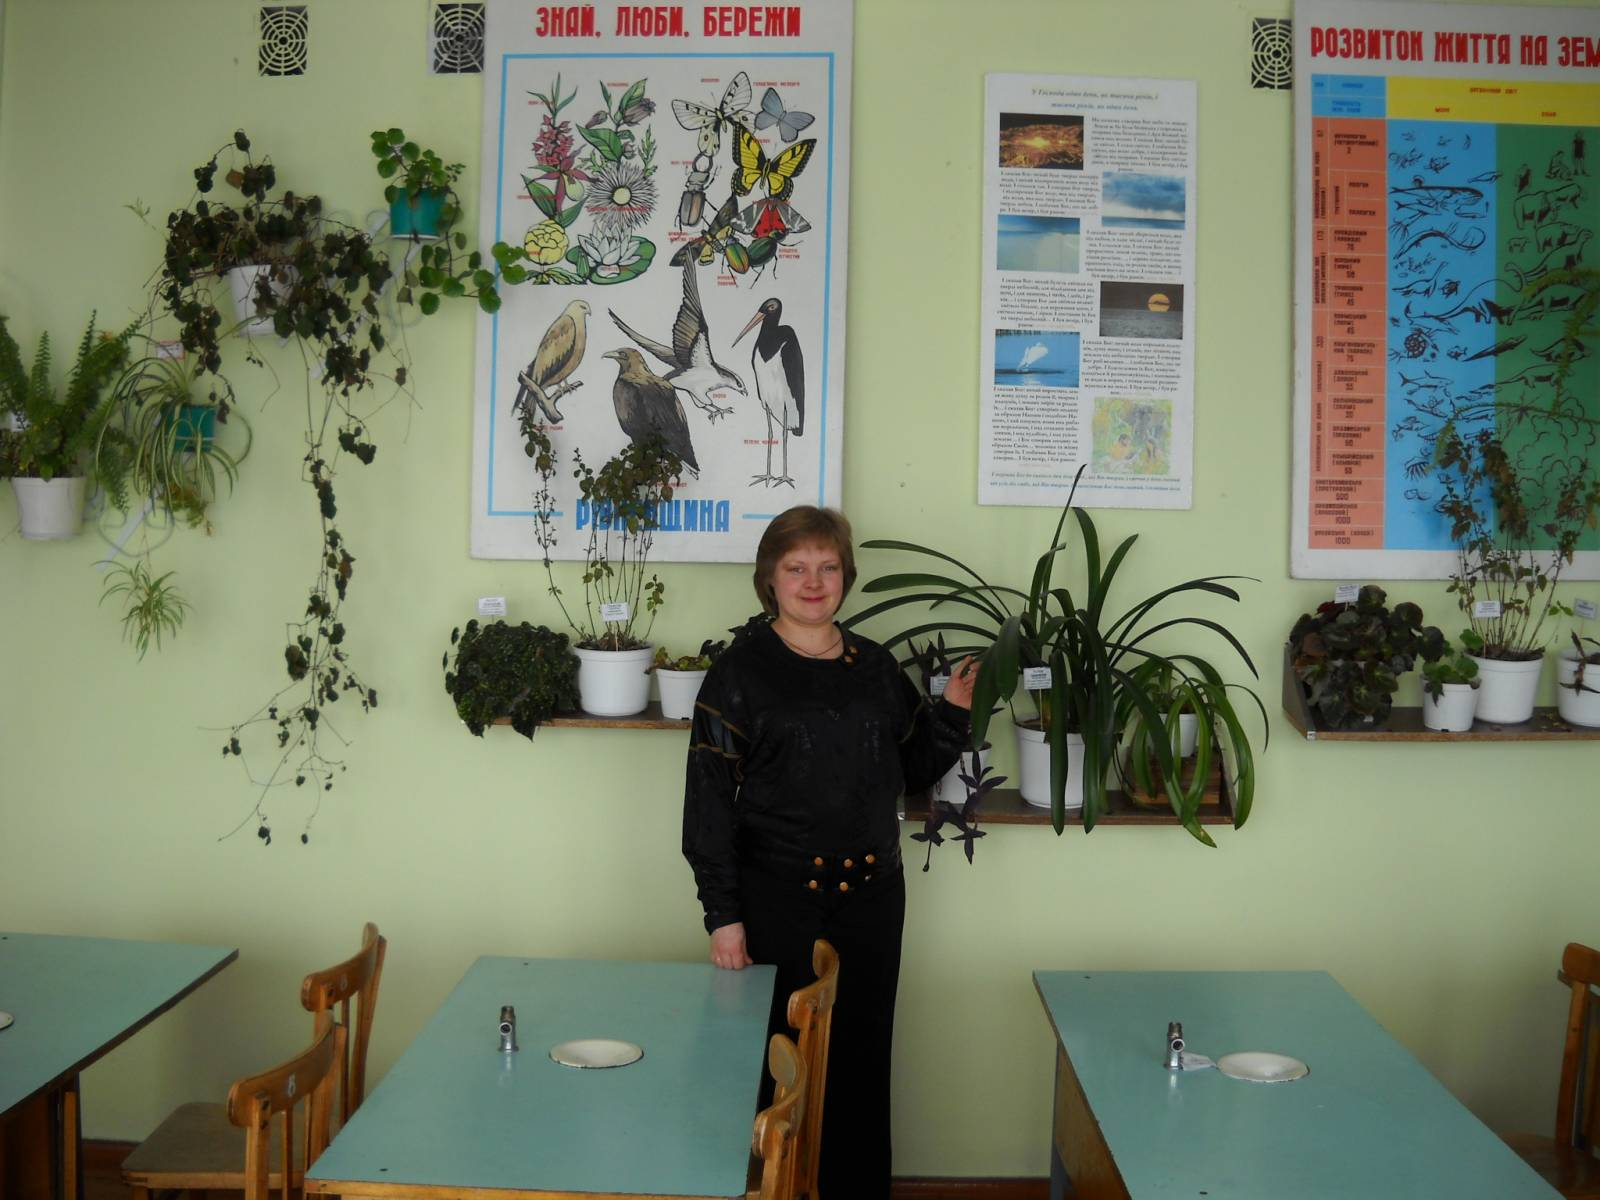 Учительница википедияом в кабинете фото 13 фотография